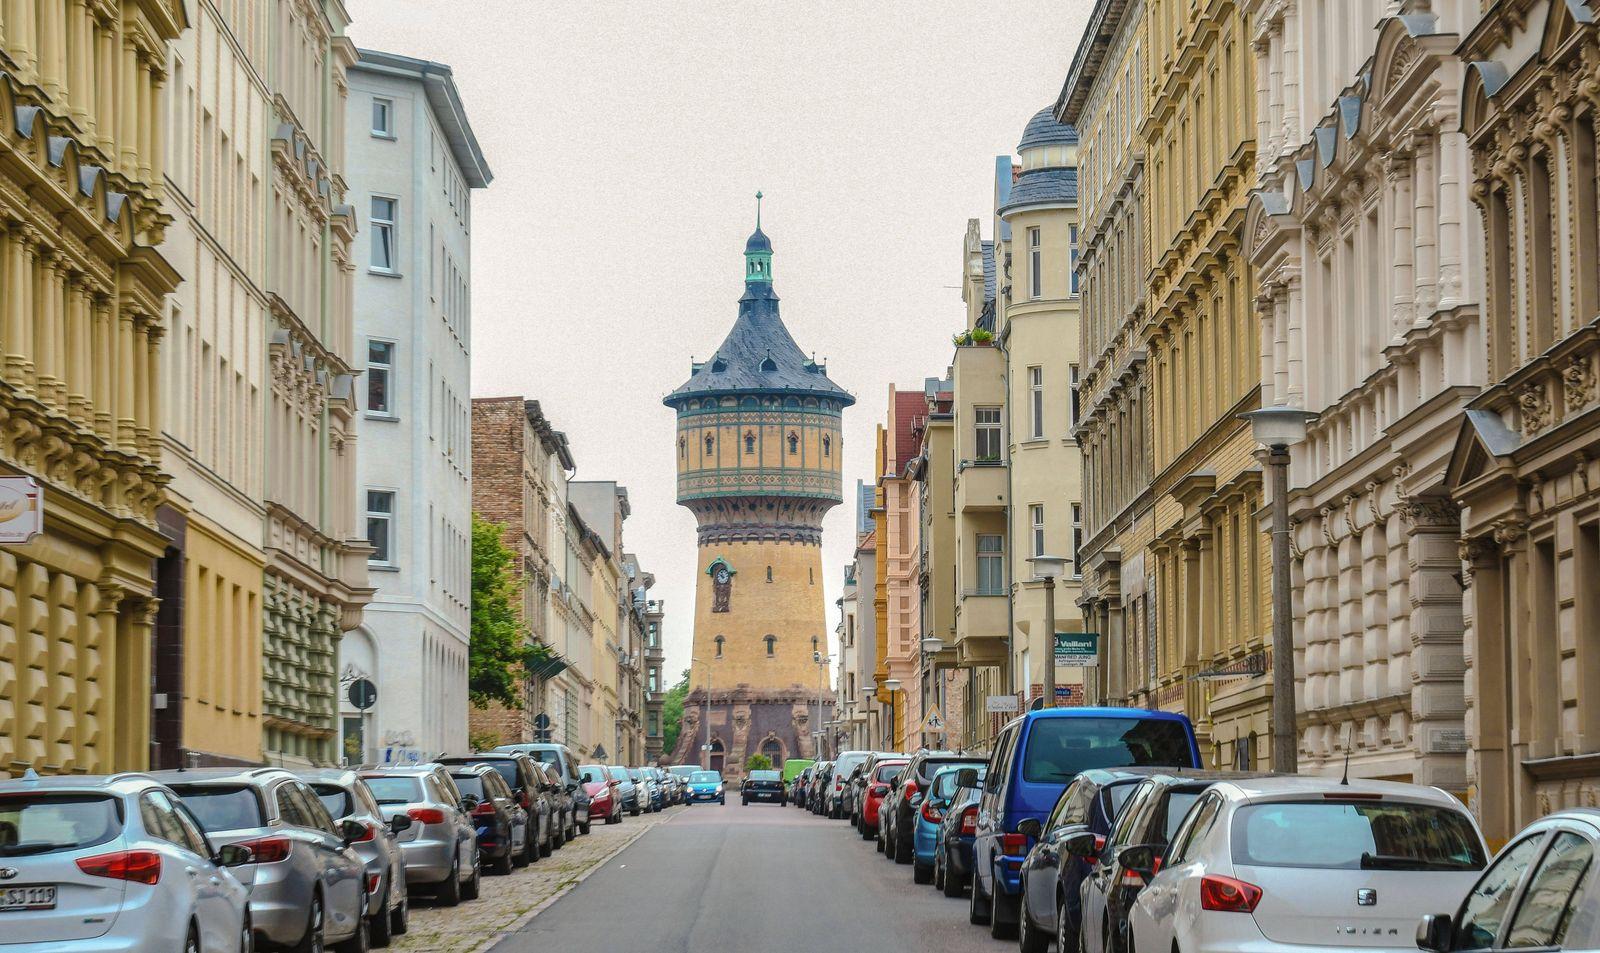 Strassenzug mit prachtvollen Hausfassaden aus der Gruenderzeit und historischem Wasserturm in Halle an der Saale. *** St